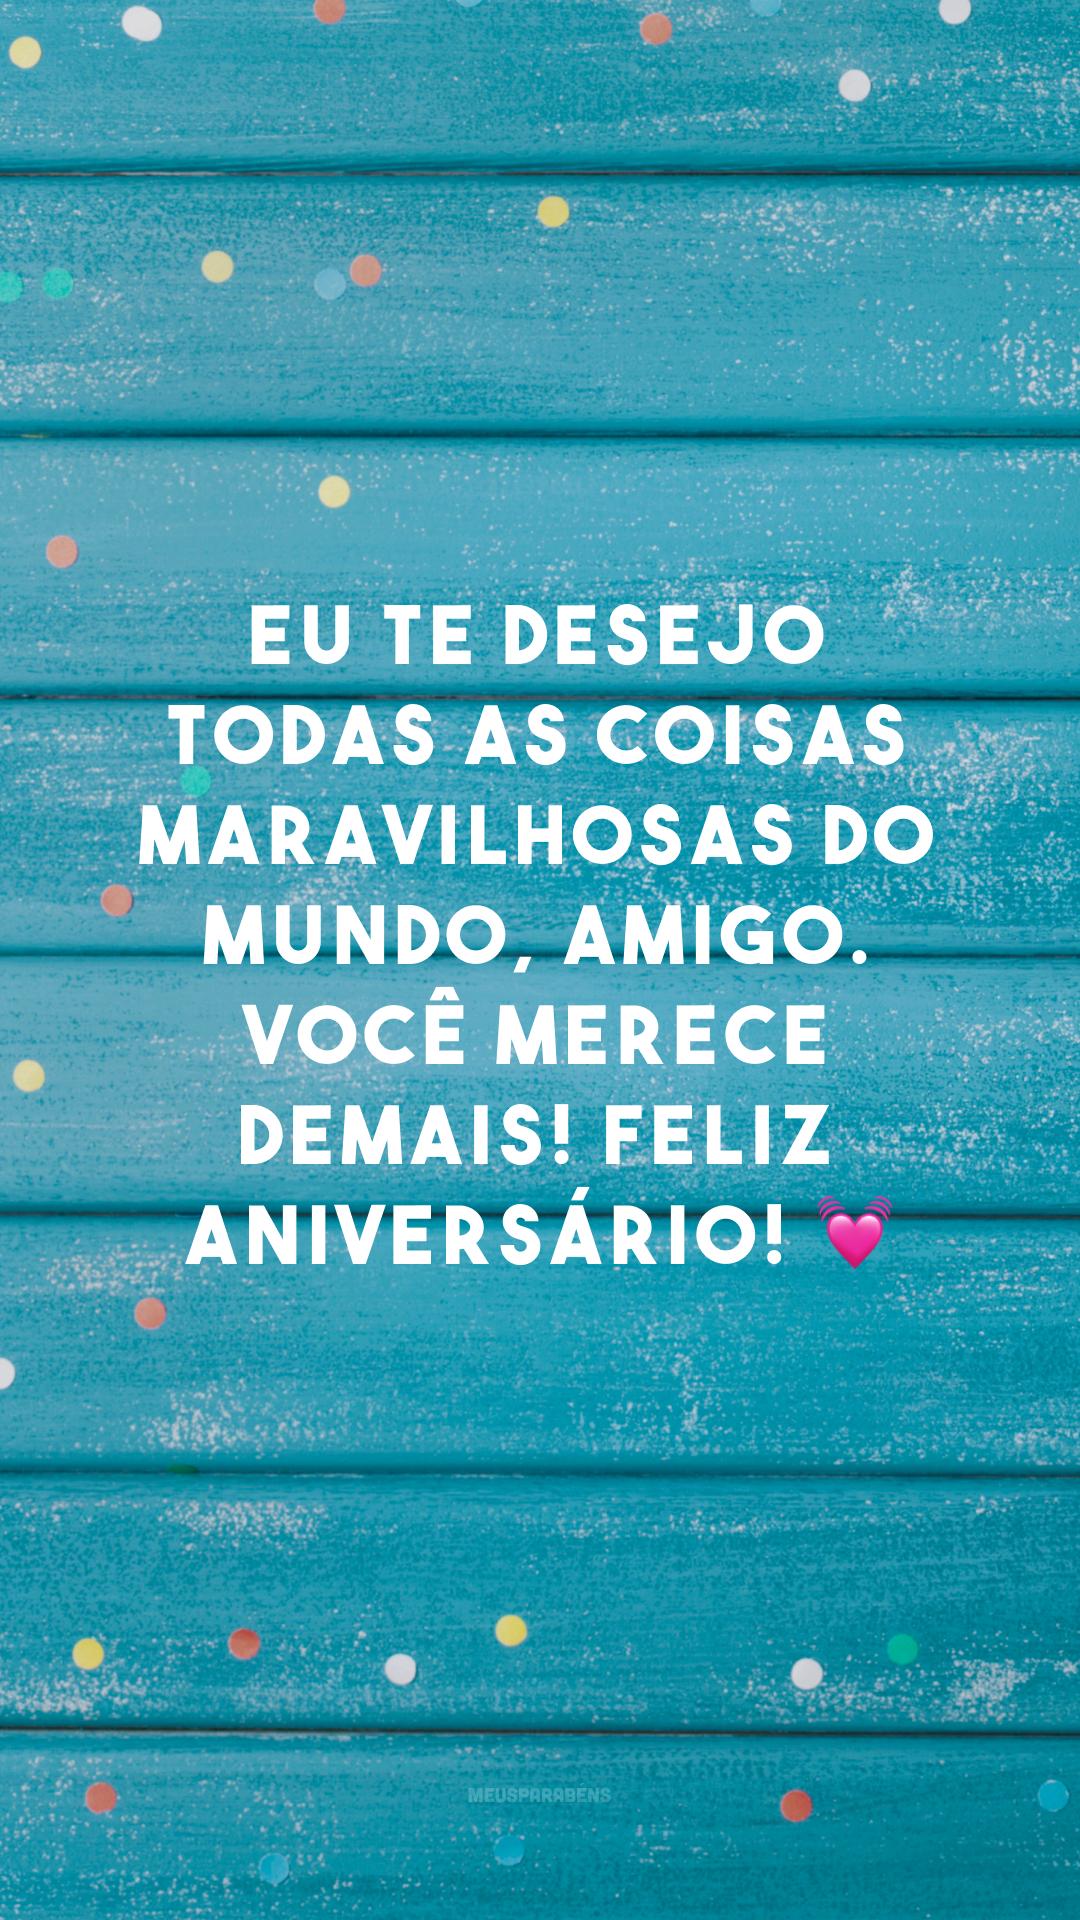 Eu te desejo todas as coisas maravilhosas do mundo, amigo. Você merece demais! Feliz aniversário! 💓